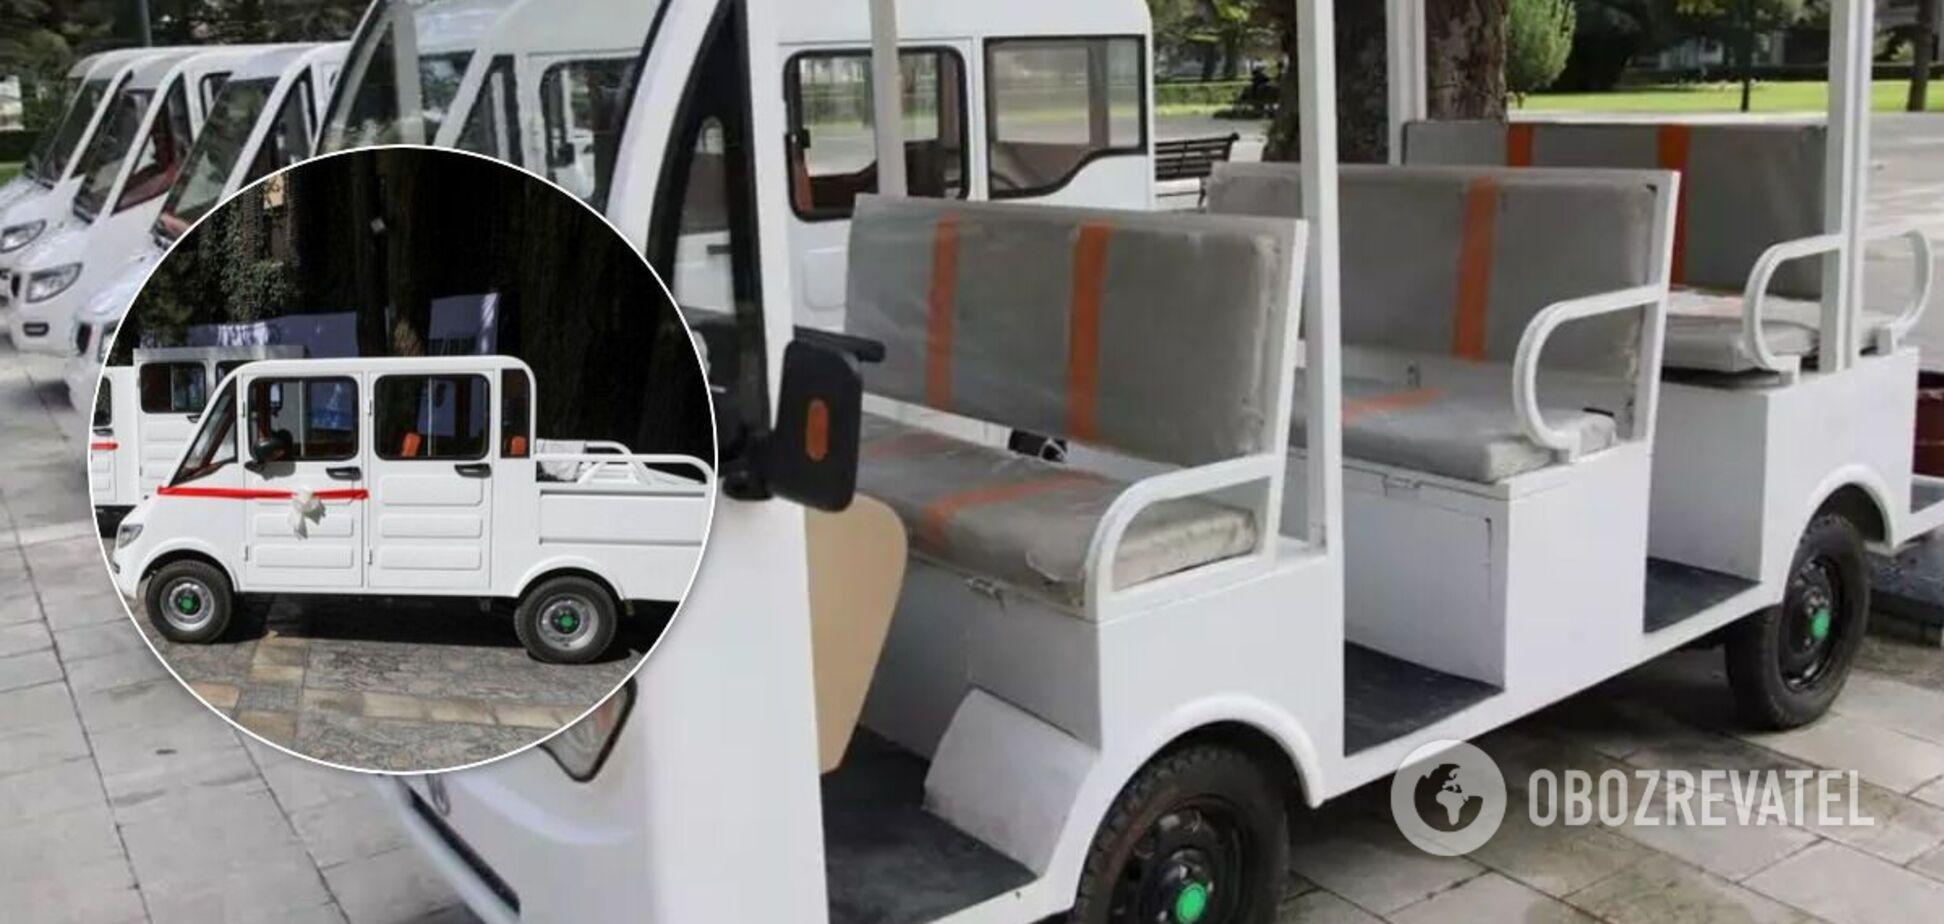 В Афганістані випустили автомобілі за $1200-2500: як вони виглядають